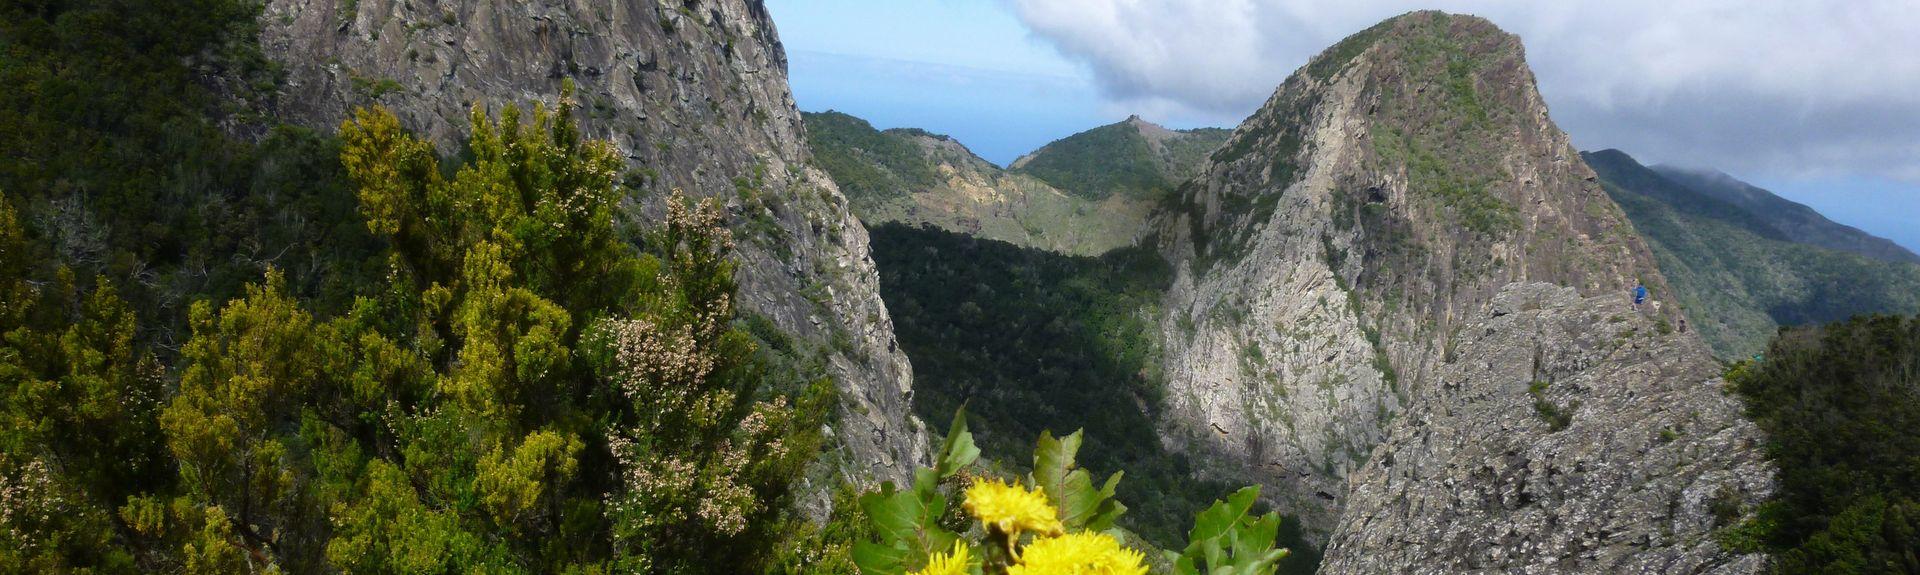 San Sebastián de La Gomera, Kanarische Inseln, Spanien